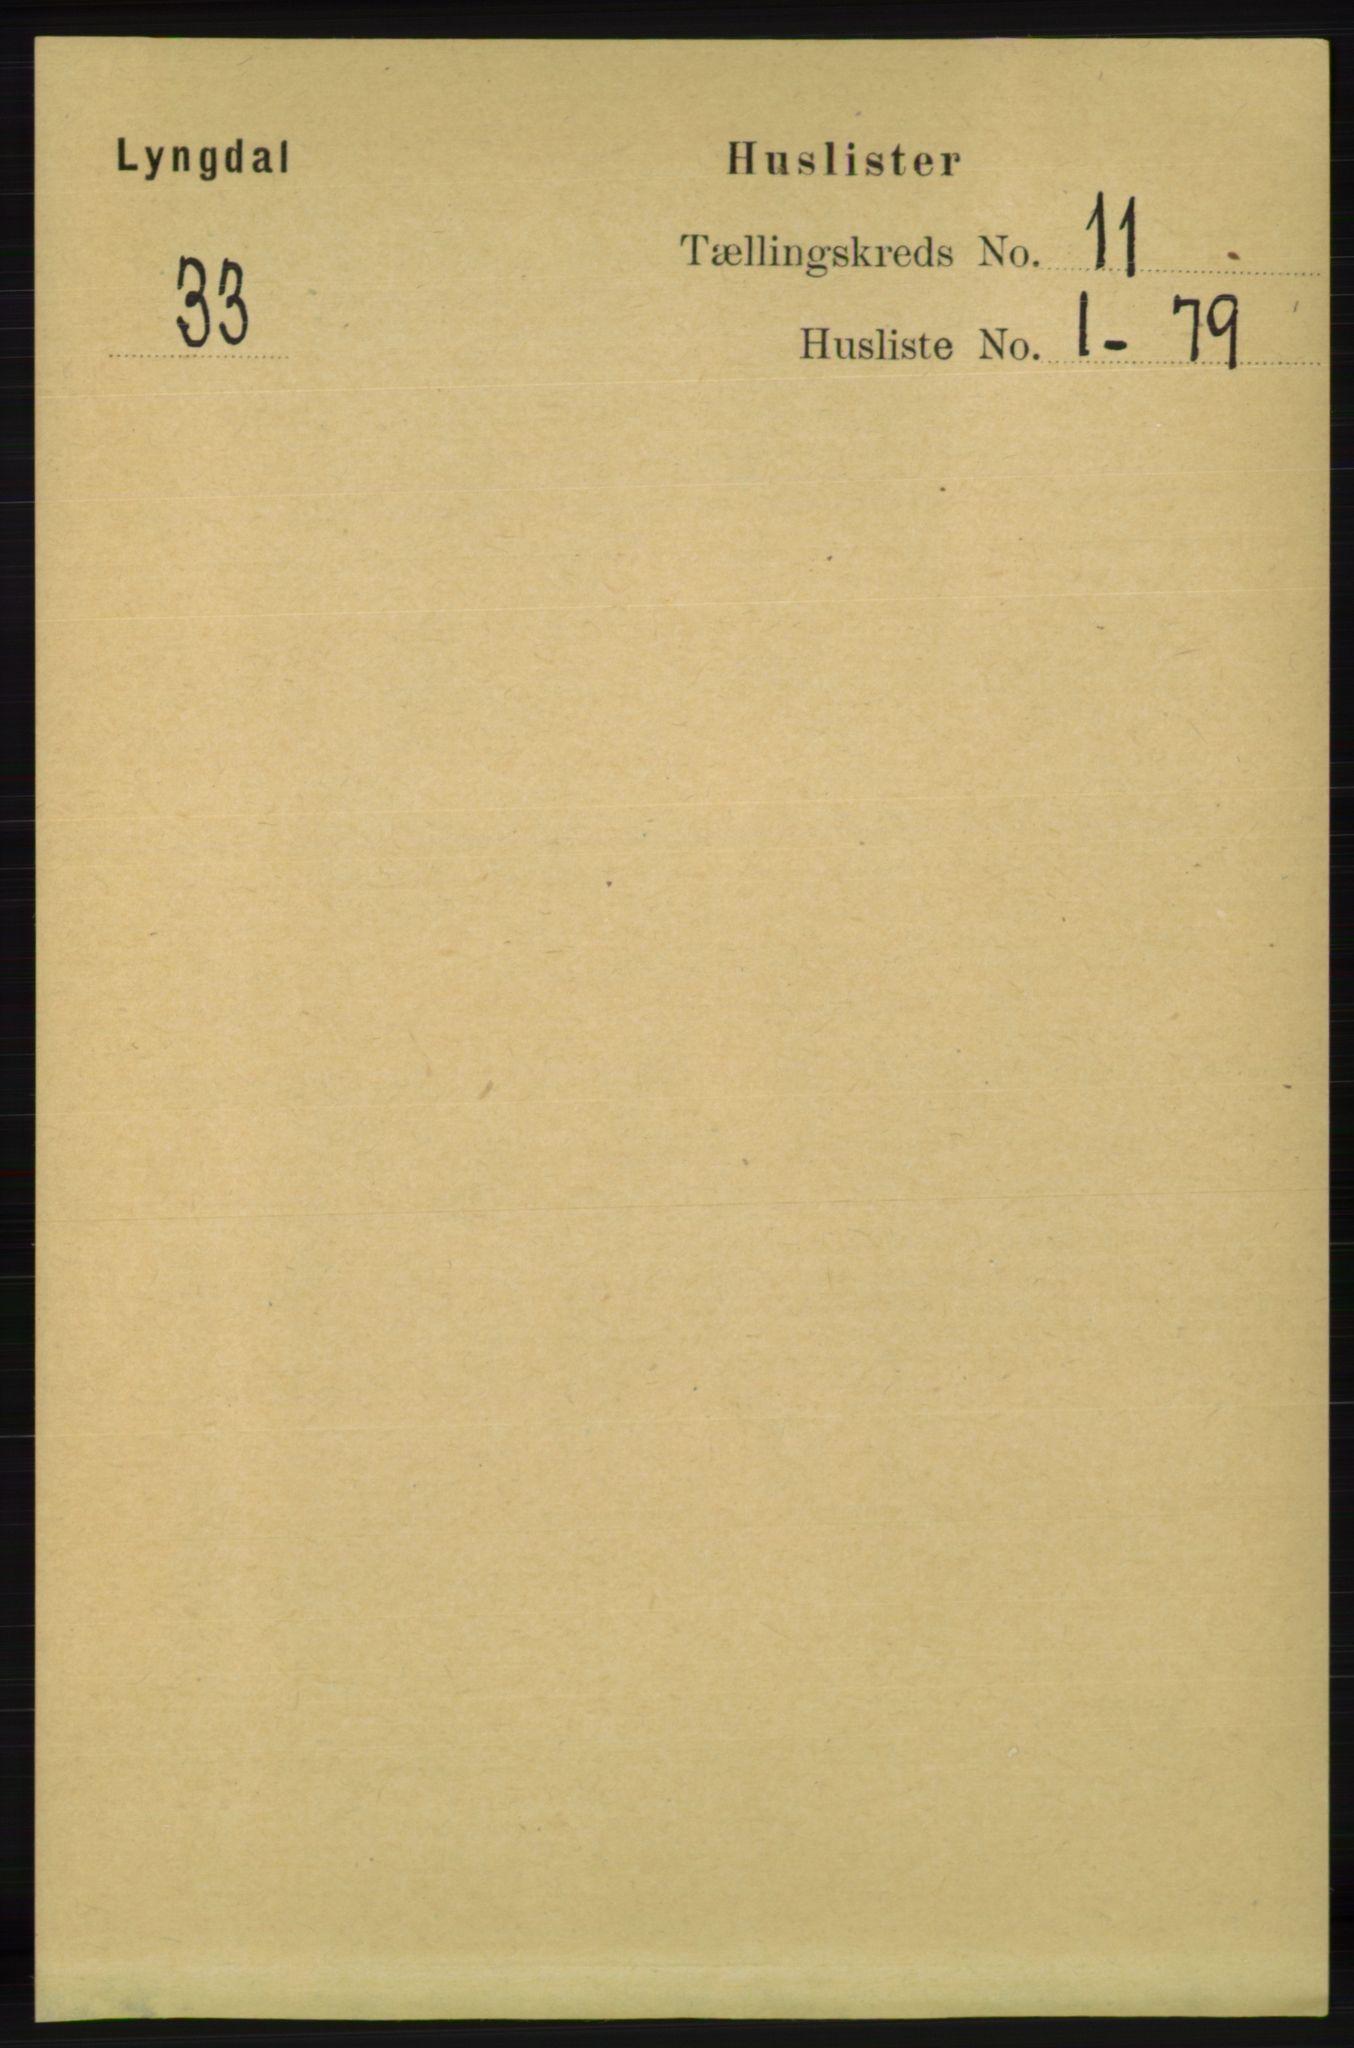 RA, Folketelling 1891 for 1032 Lyngdal herred, 1891, s. 4731